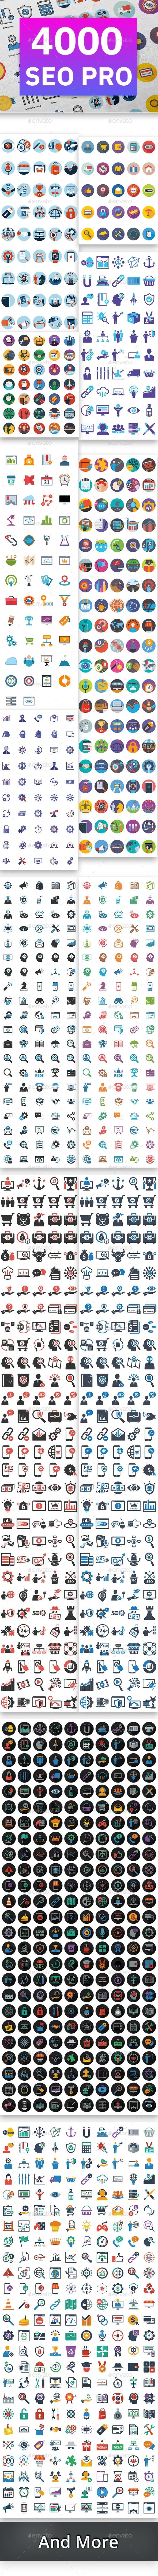 4000 Seo Pro (Bundle) Icons - Icons